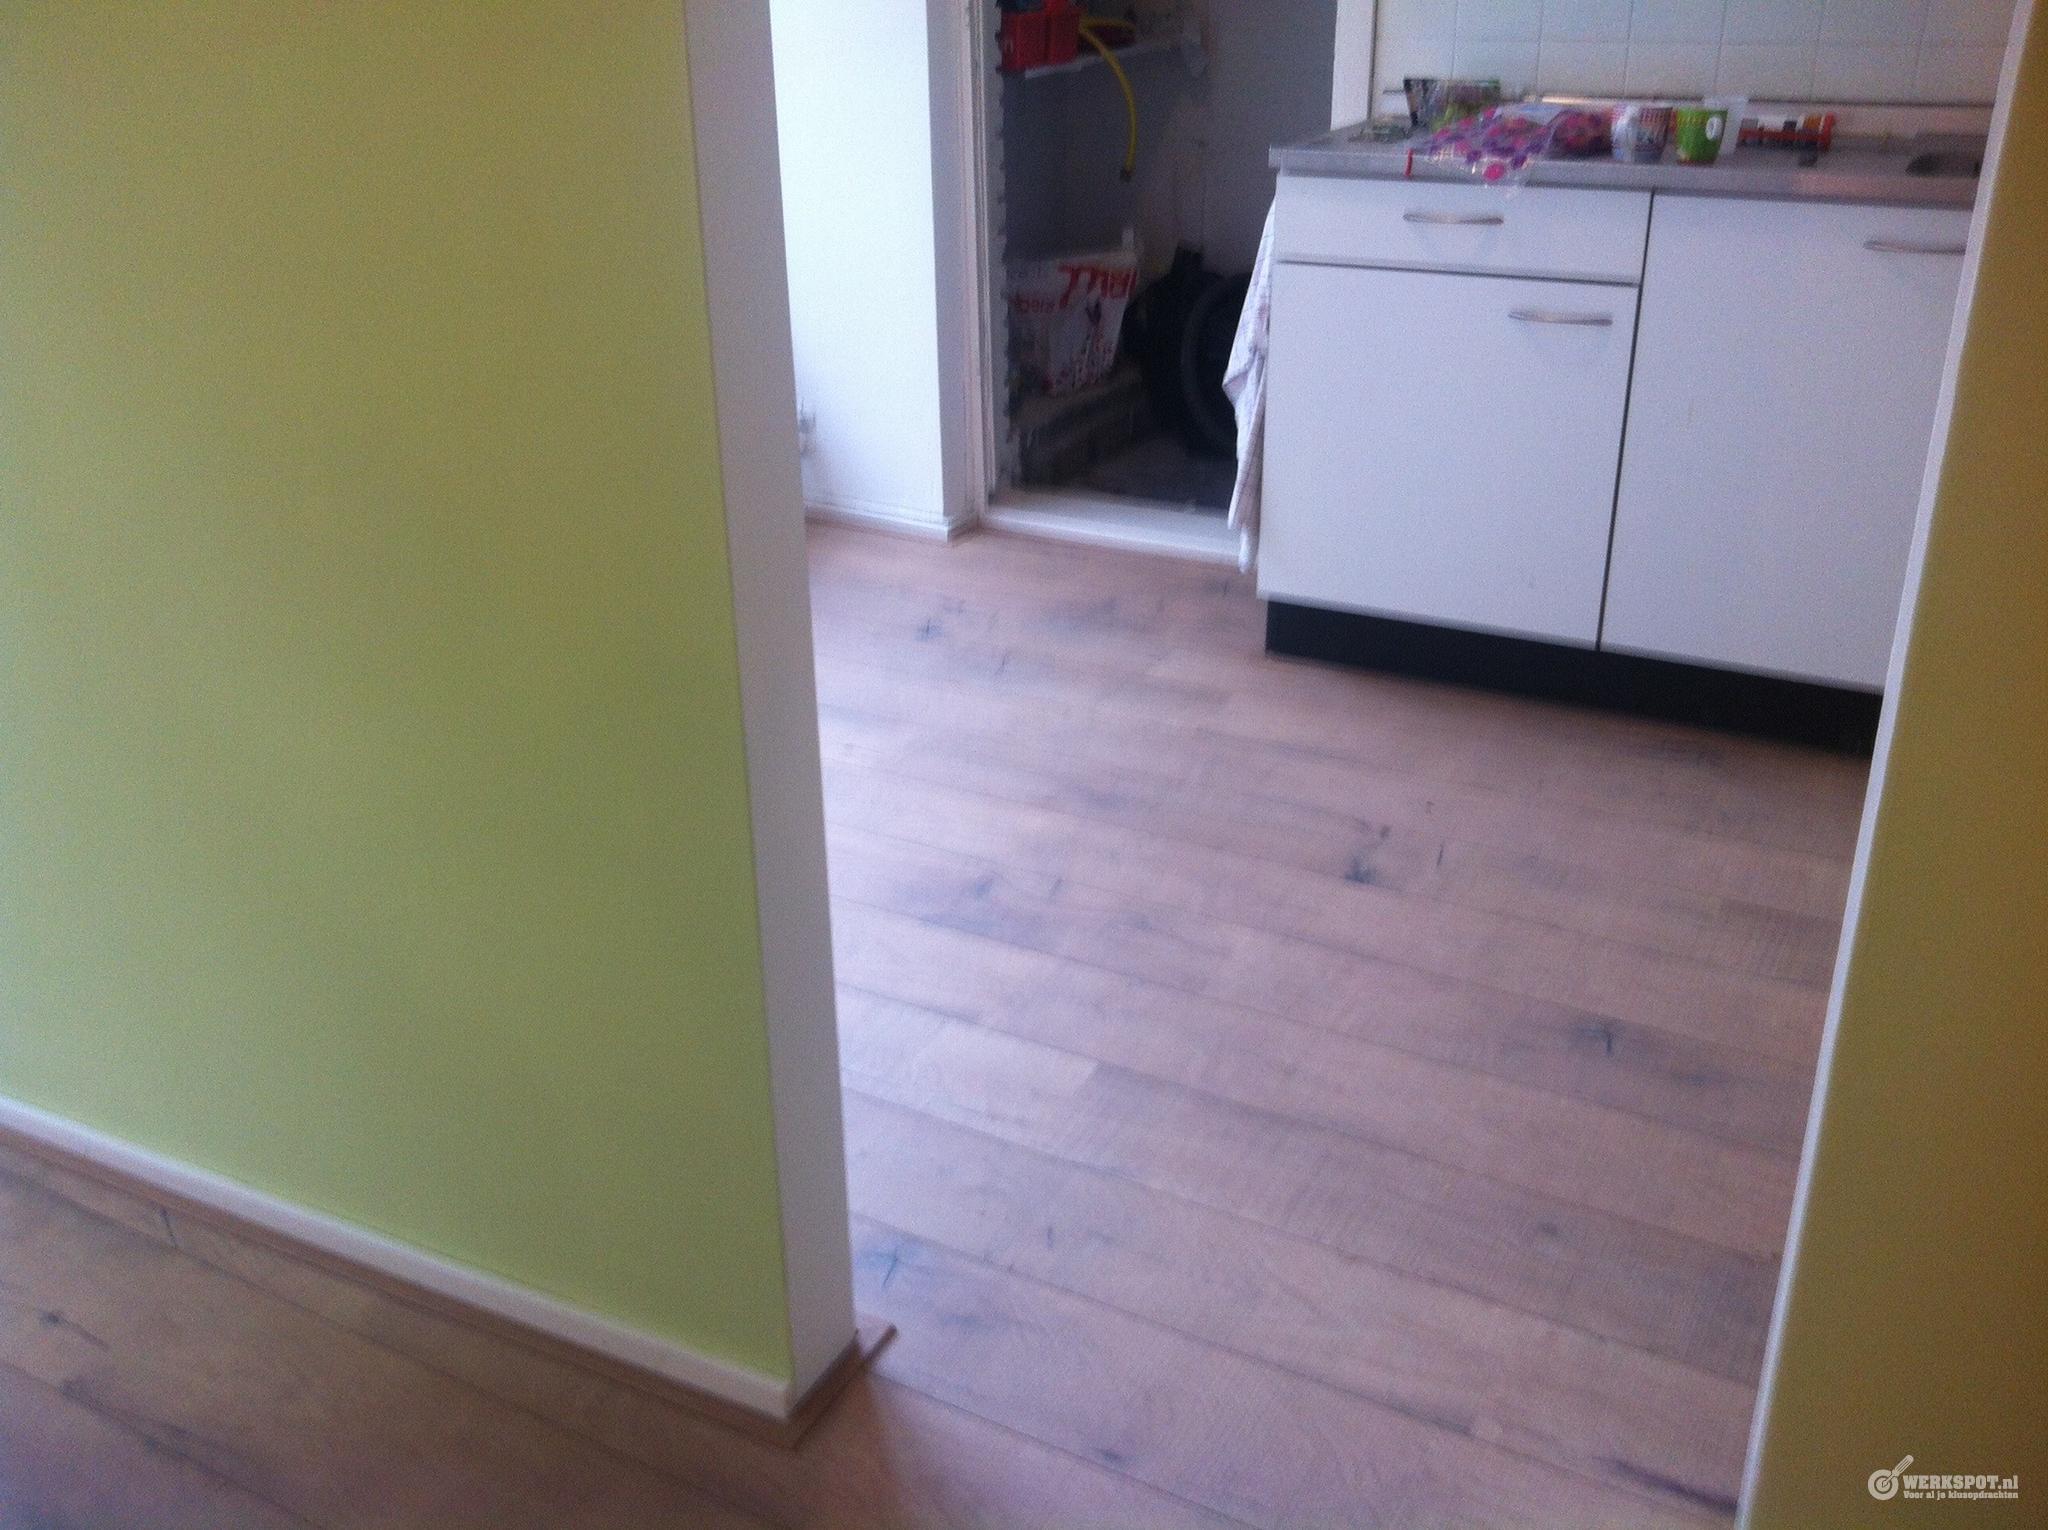 Laminaat Leggen Ondervloer : Laminaat leggen incl ondervloer en plinten in appartement m